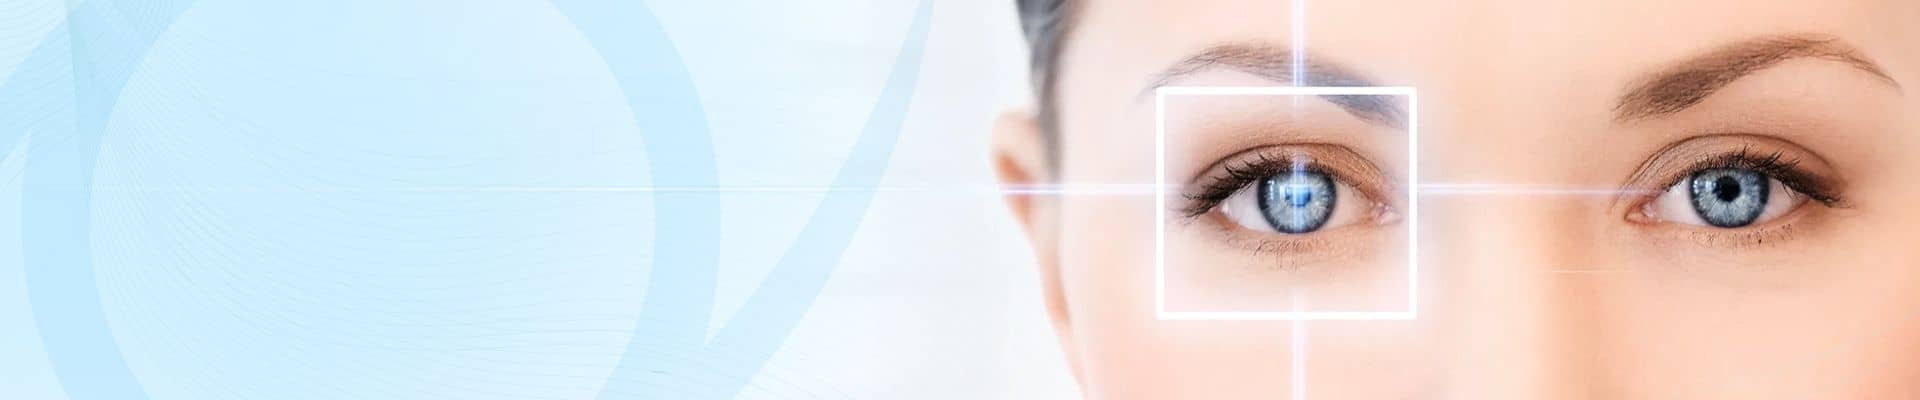 szürkehályog a látás éles romlása)